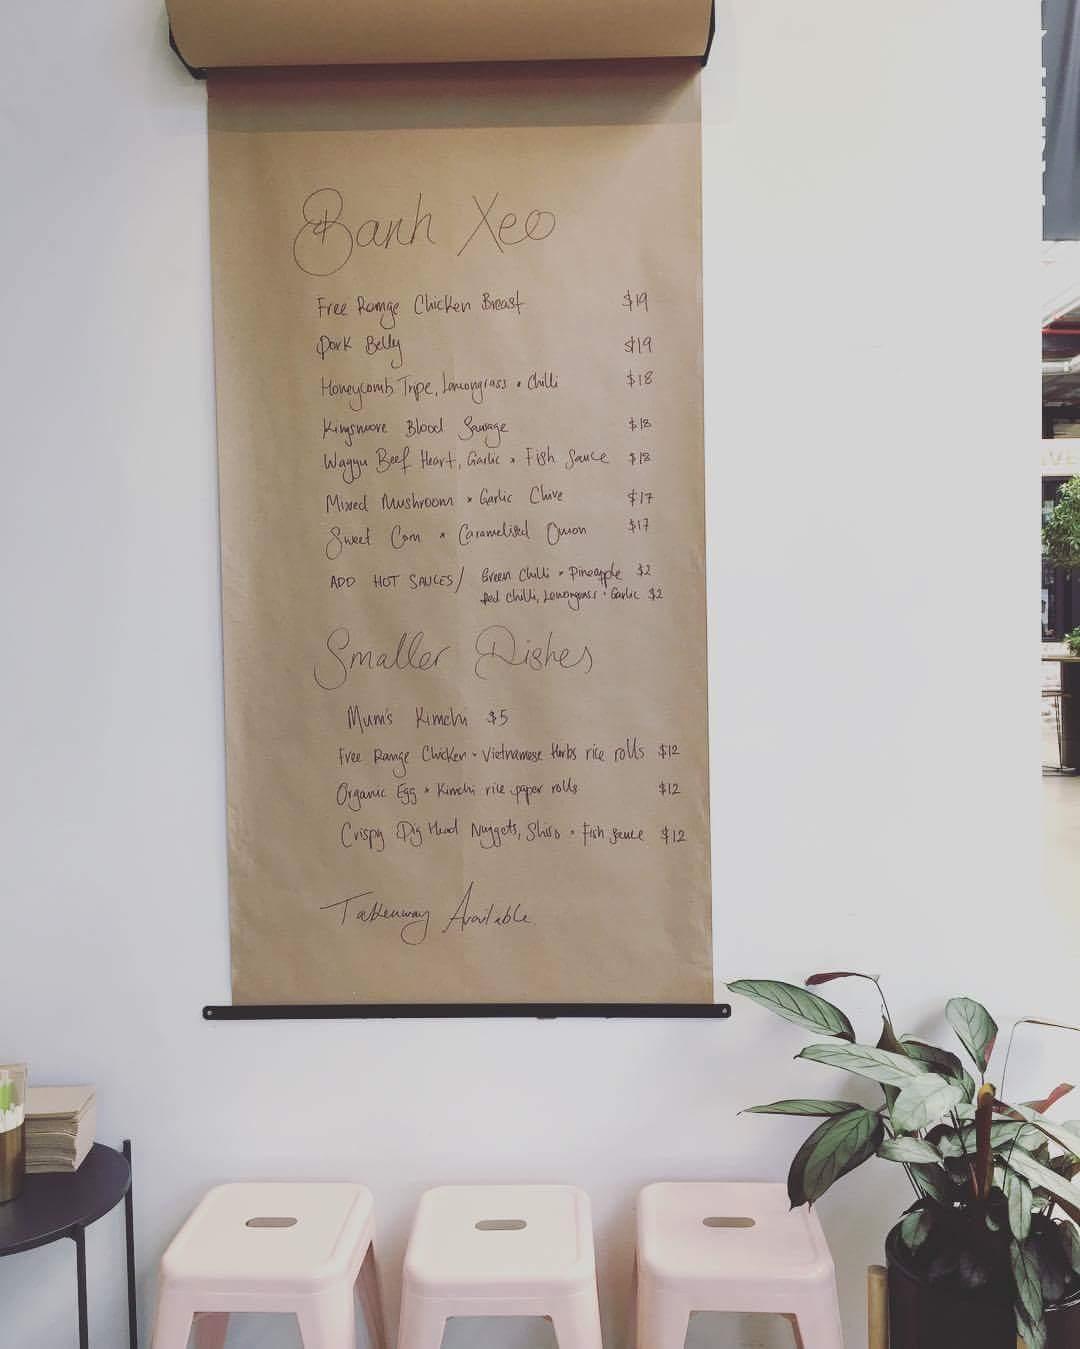 23509017 382194535534706 6213128700611343873 o - Thưởng thức bánh xèo và các món ăn Việt Nam chuẩn đúng điệu tại Sydney